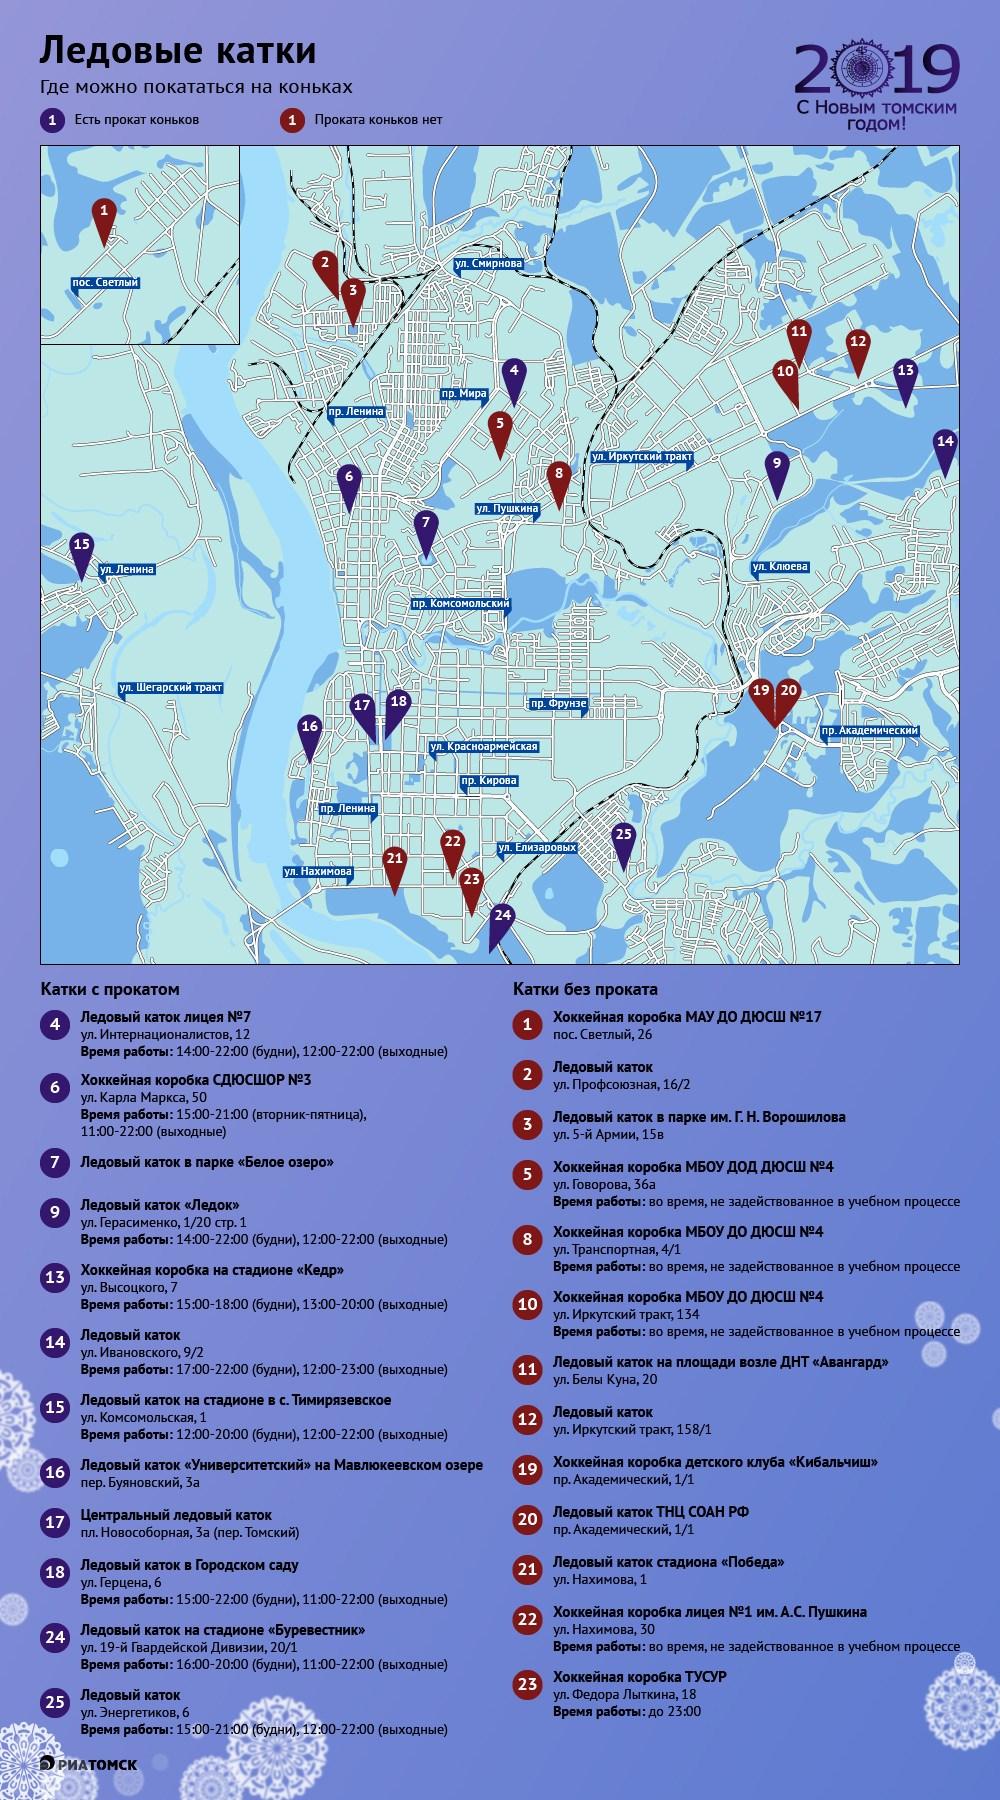 Более 20 катков откроются этой зимой в разных районах Томска, на многих из них будут работать пункты проката коньков. Где можно покататься и в какое время – в инфографике РИА Томск.